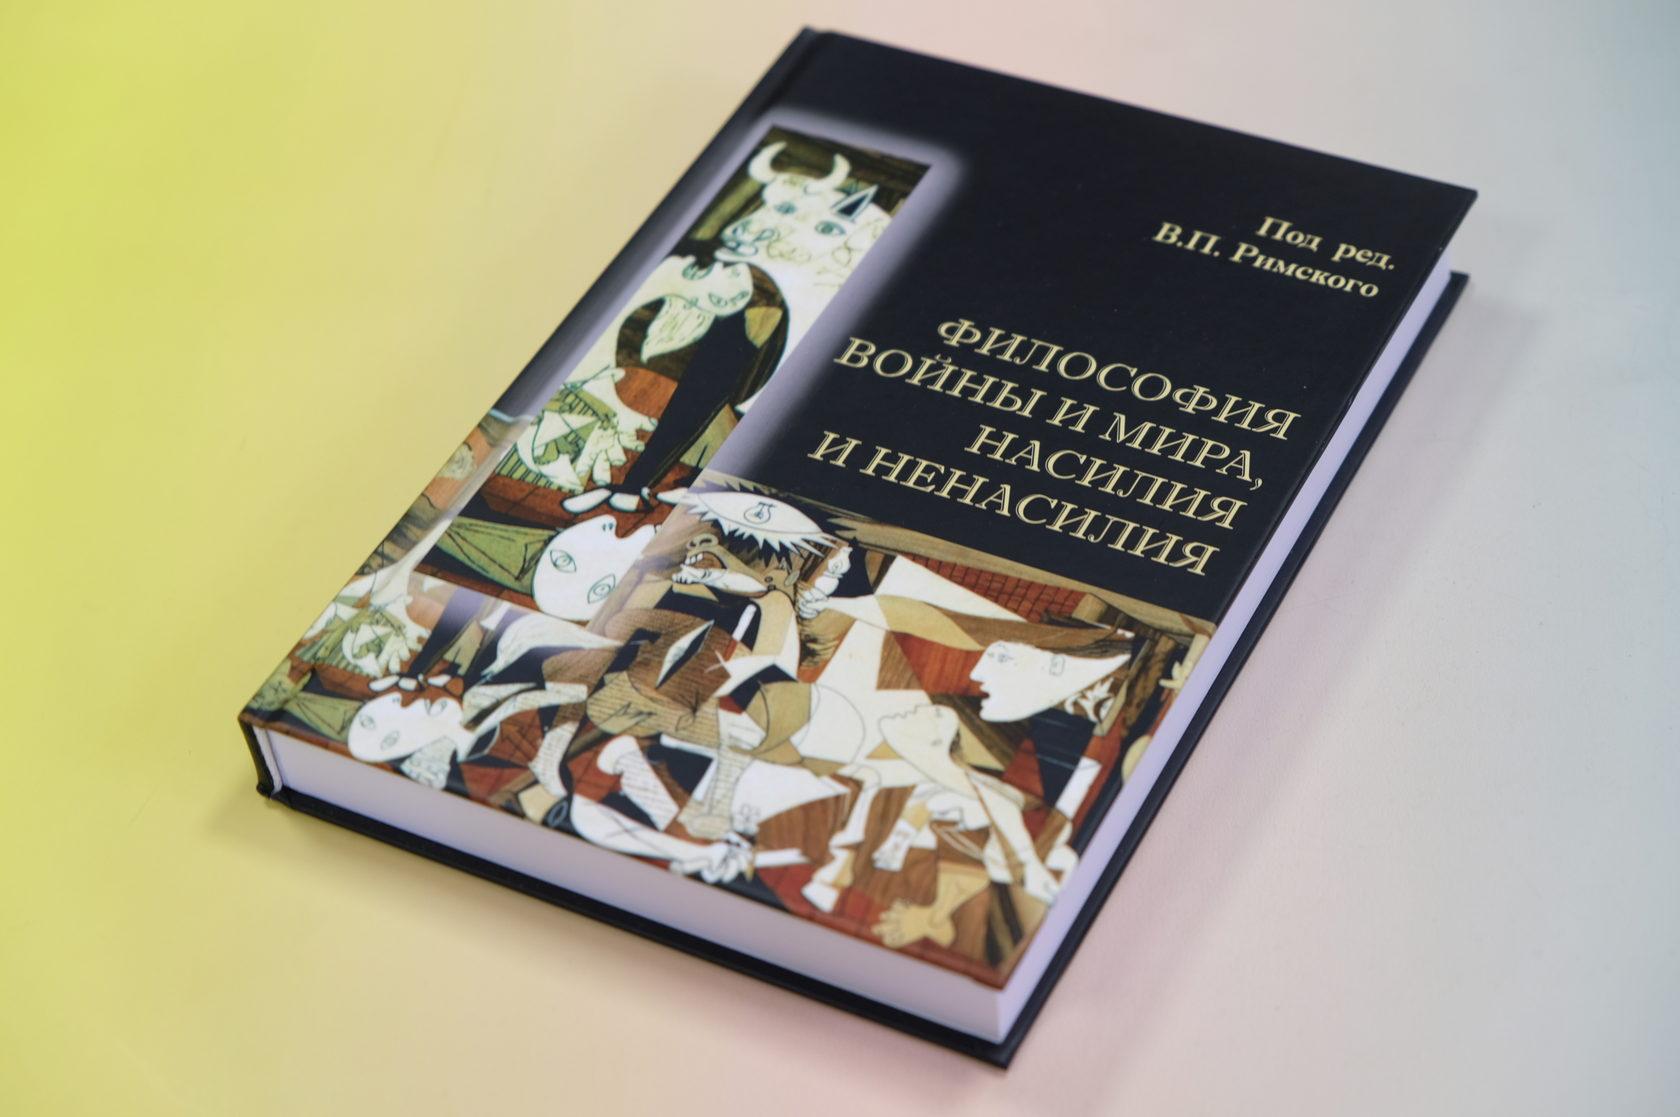 «Философия войны и мира, насилия и ненасилия» 978-5-8291-2398-7